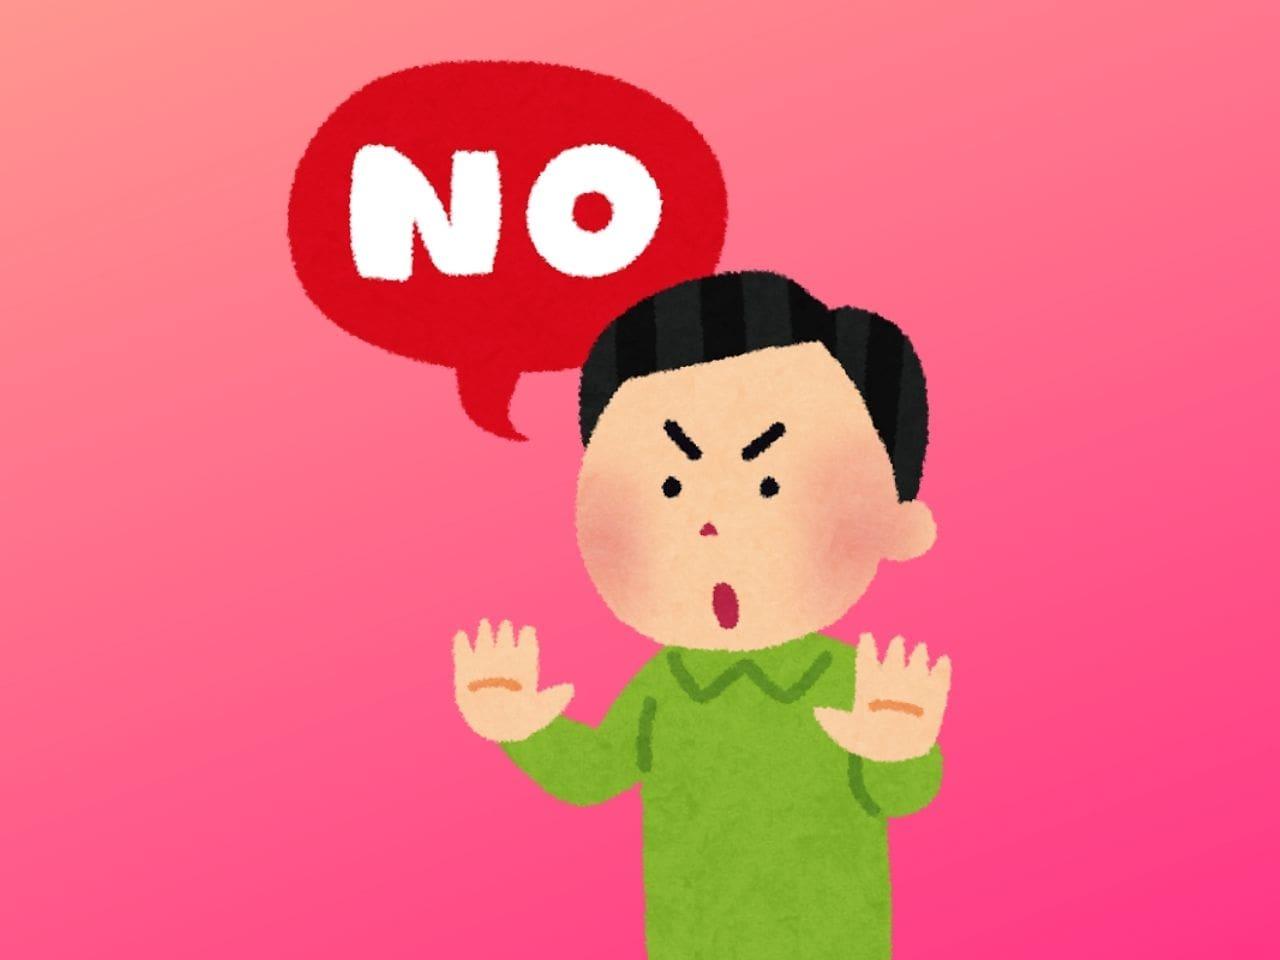 NOと言っている男性